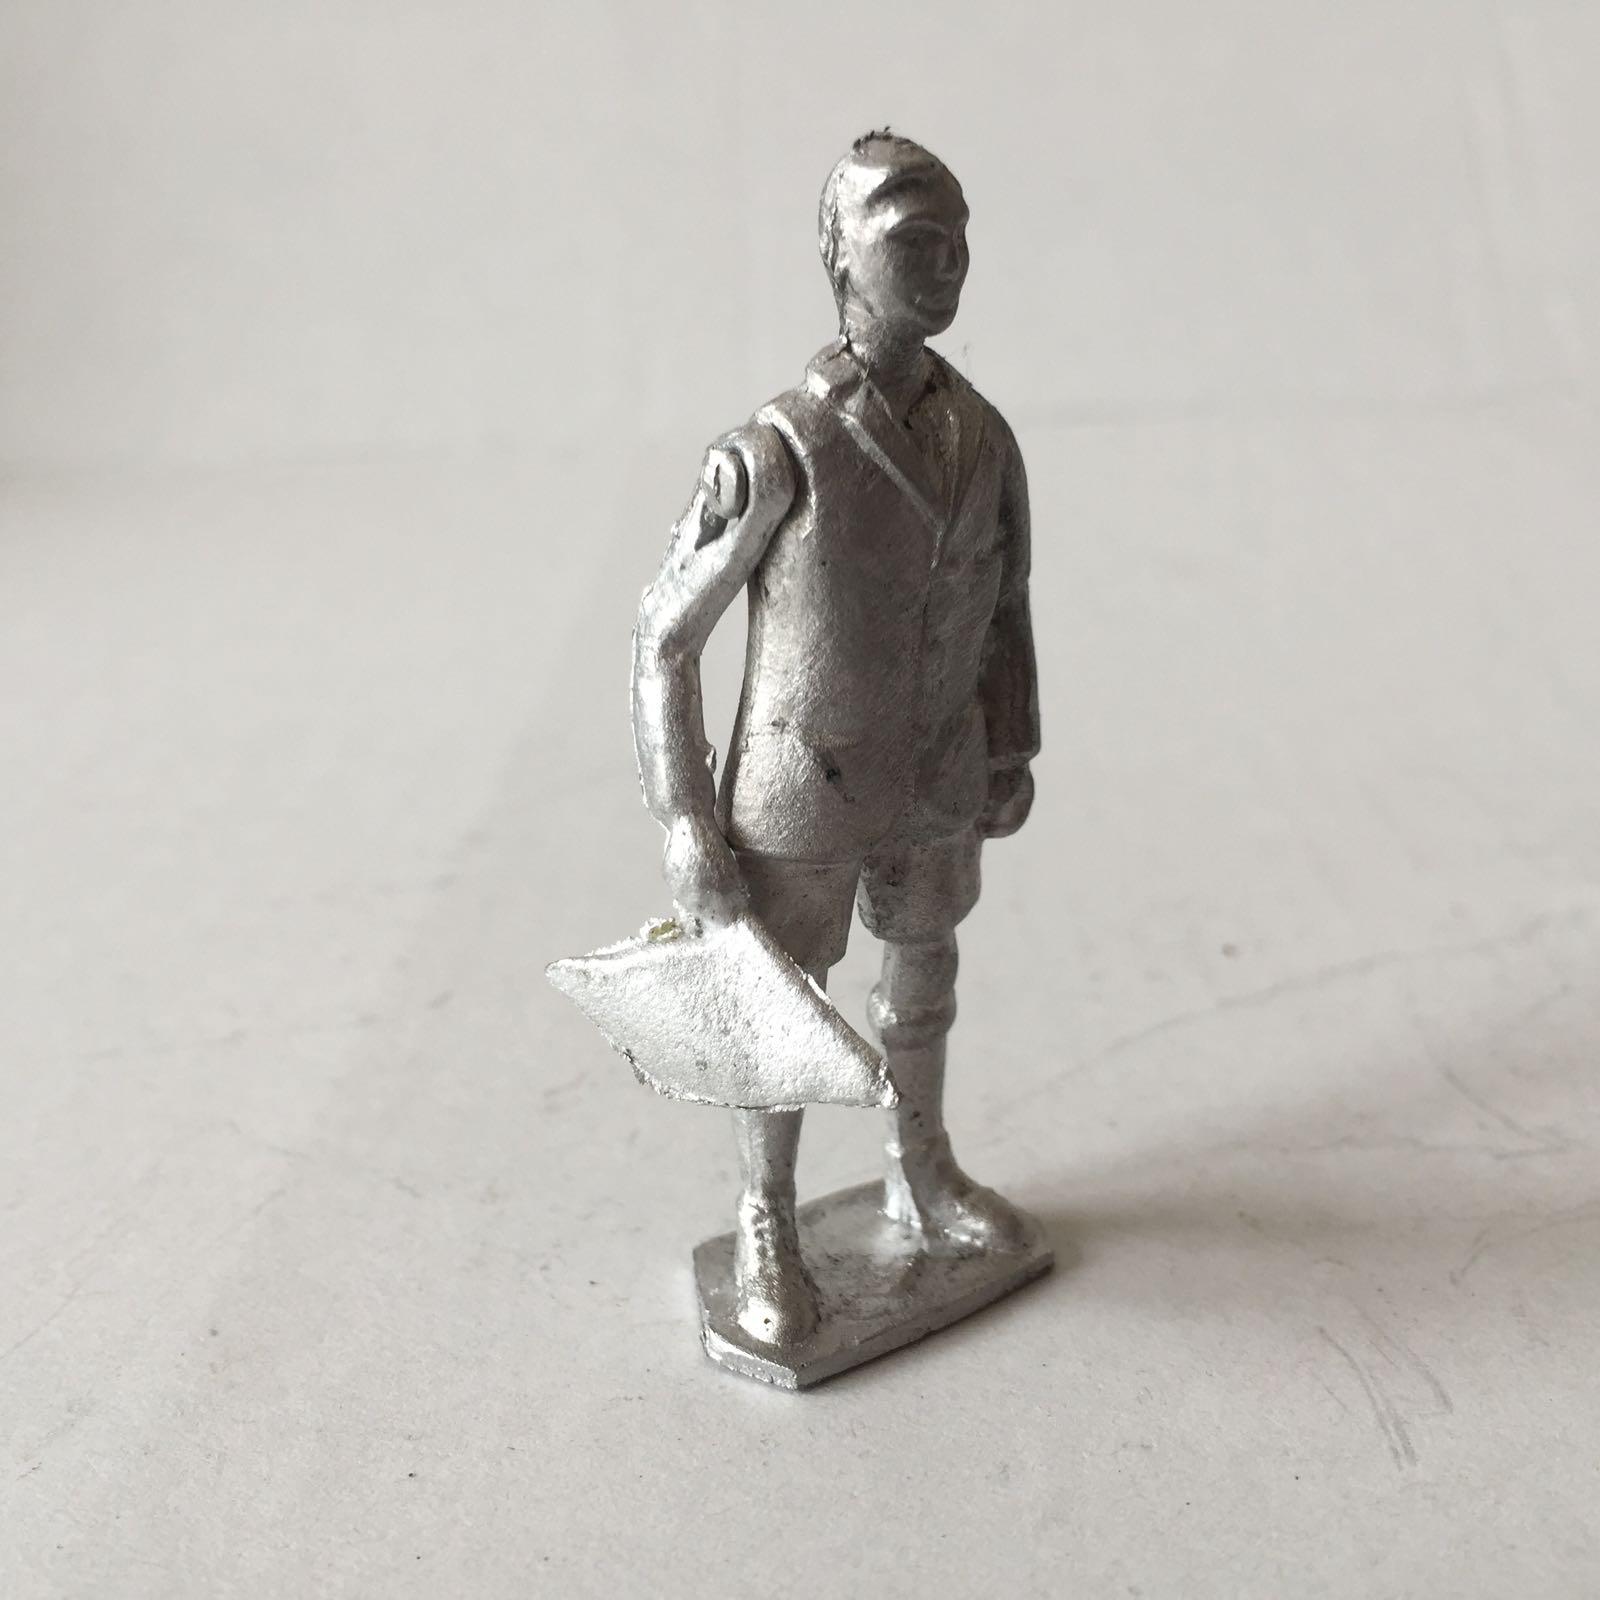 Football linesman